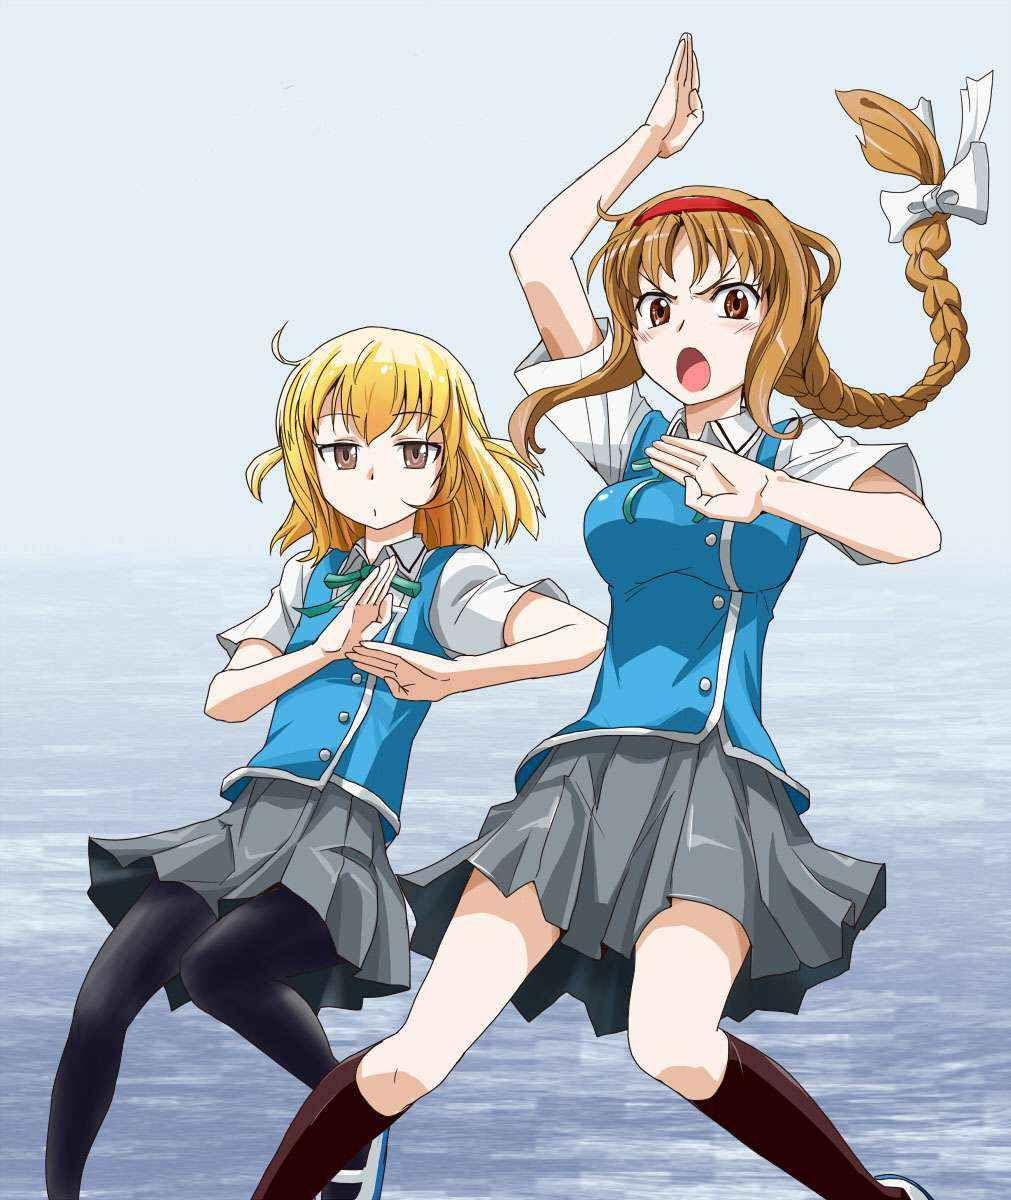 Siguiente página D frag, Anime, Anime style